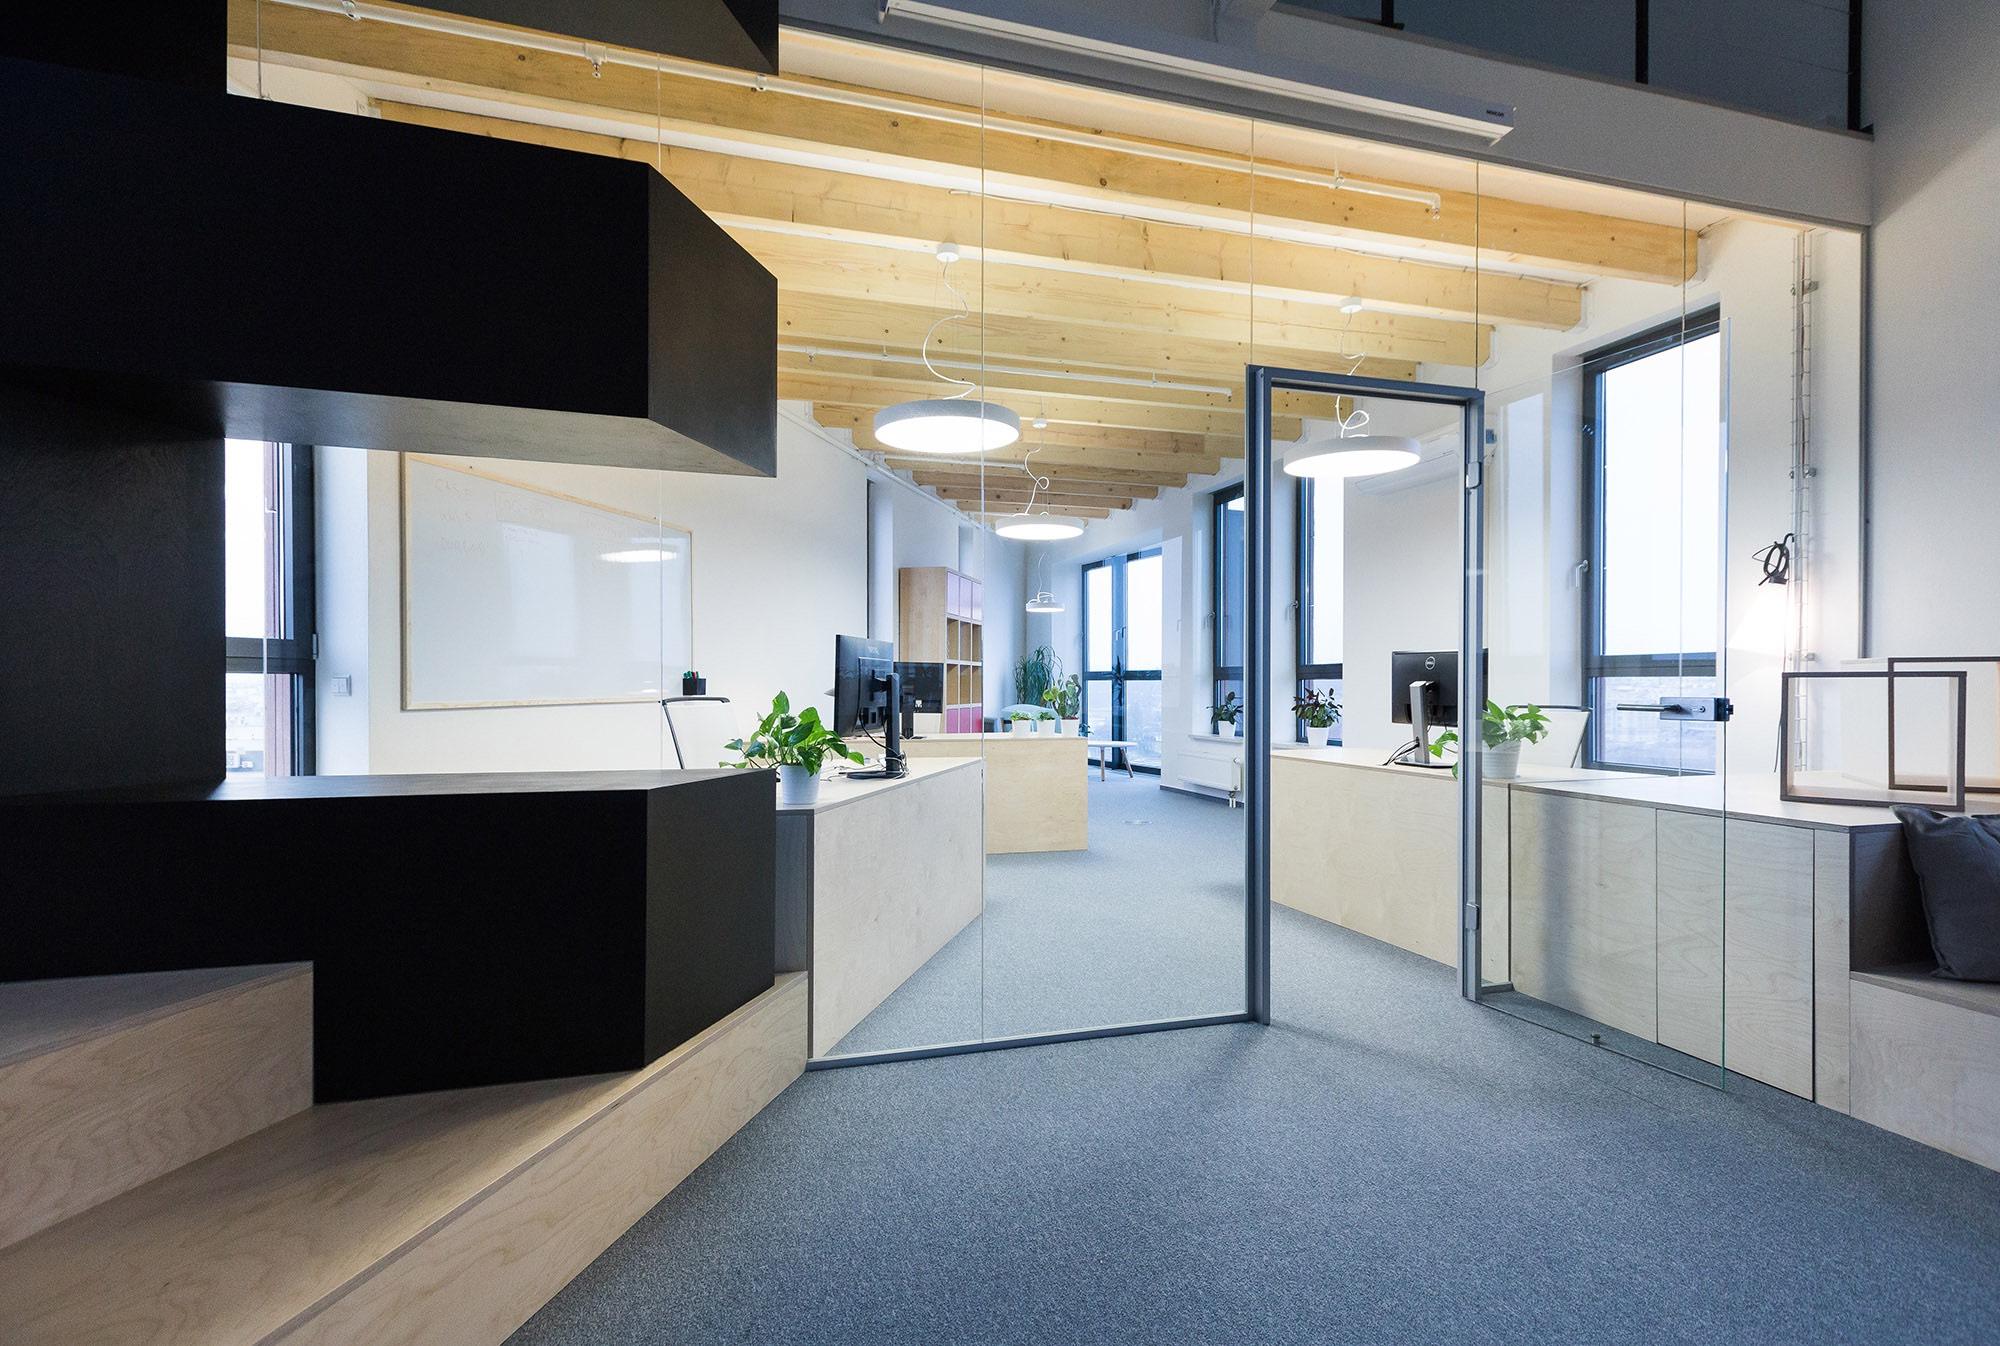 Kancel pro veden firmy